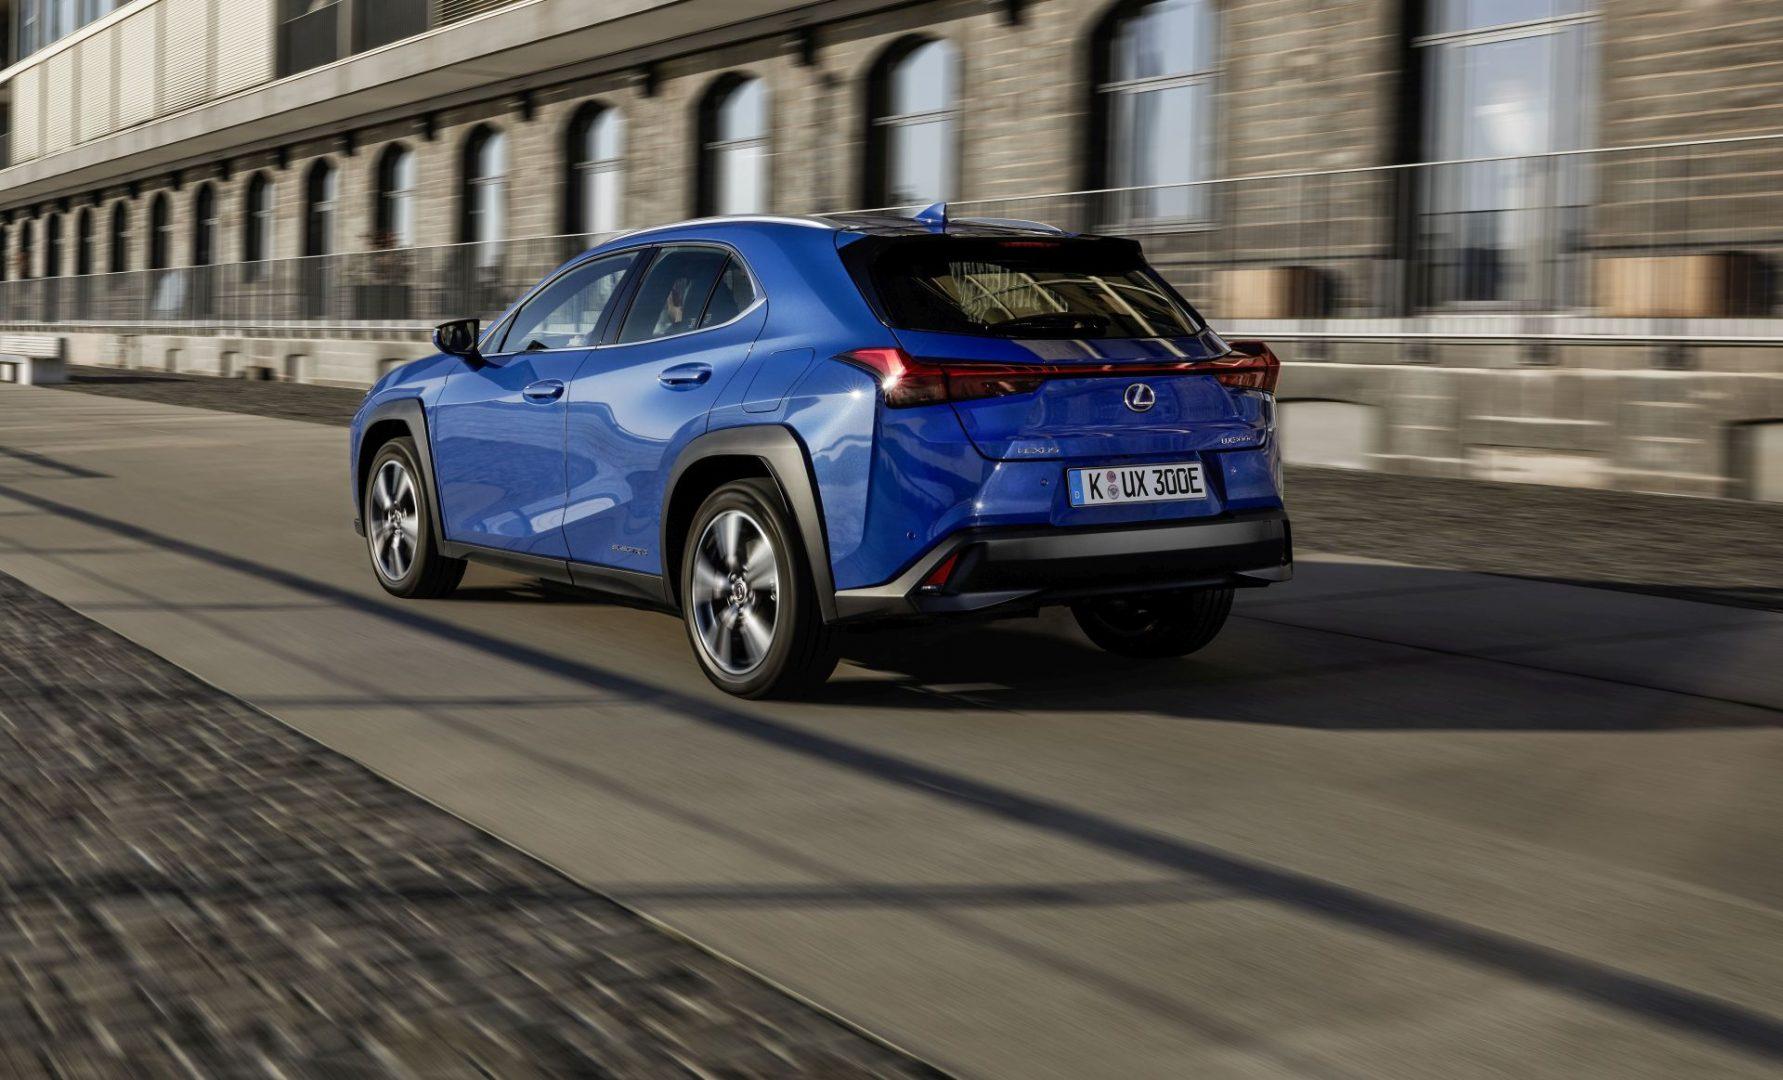 UX 300e bit će prvi serijski potpuno električni Lexus, a